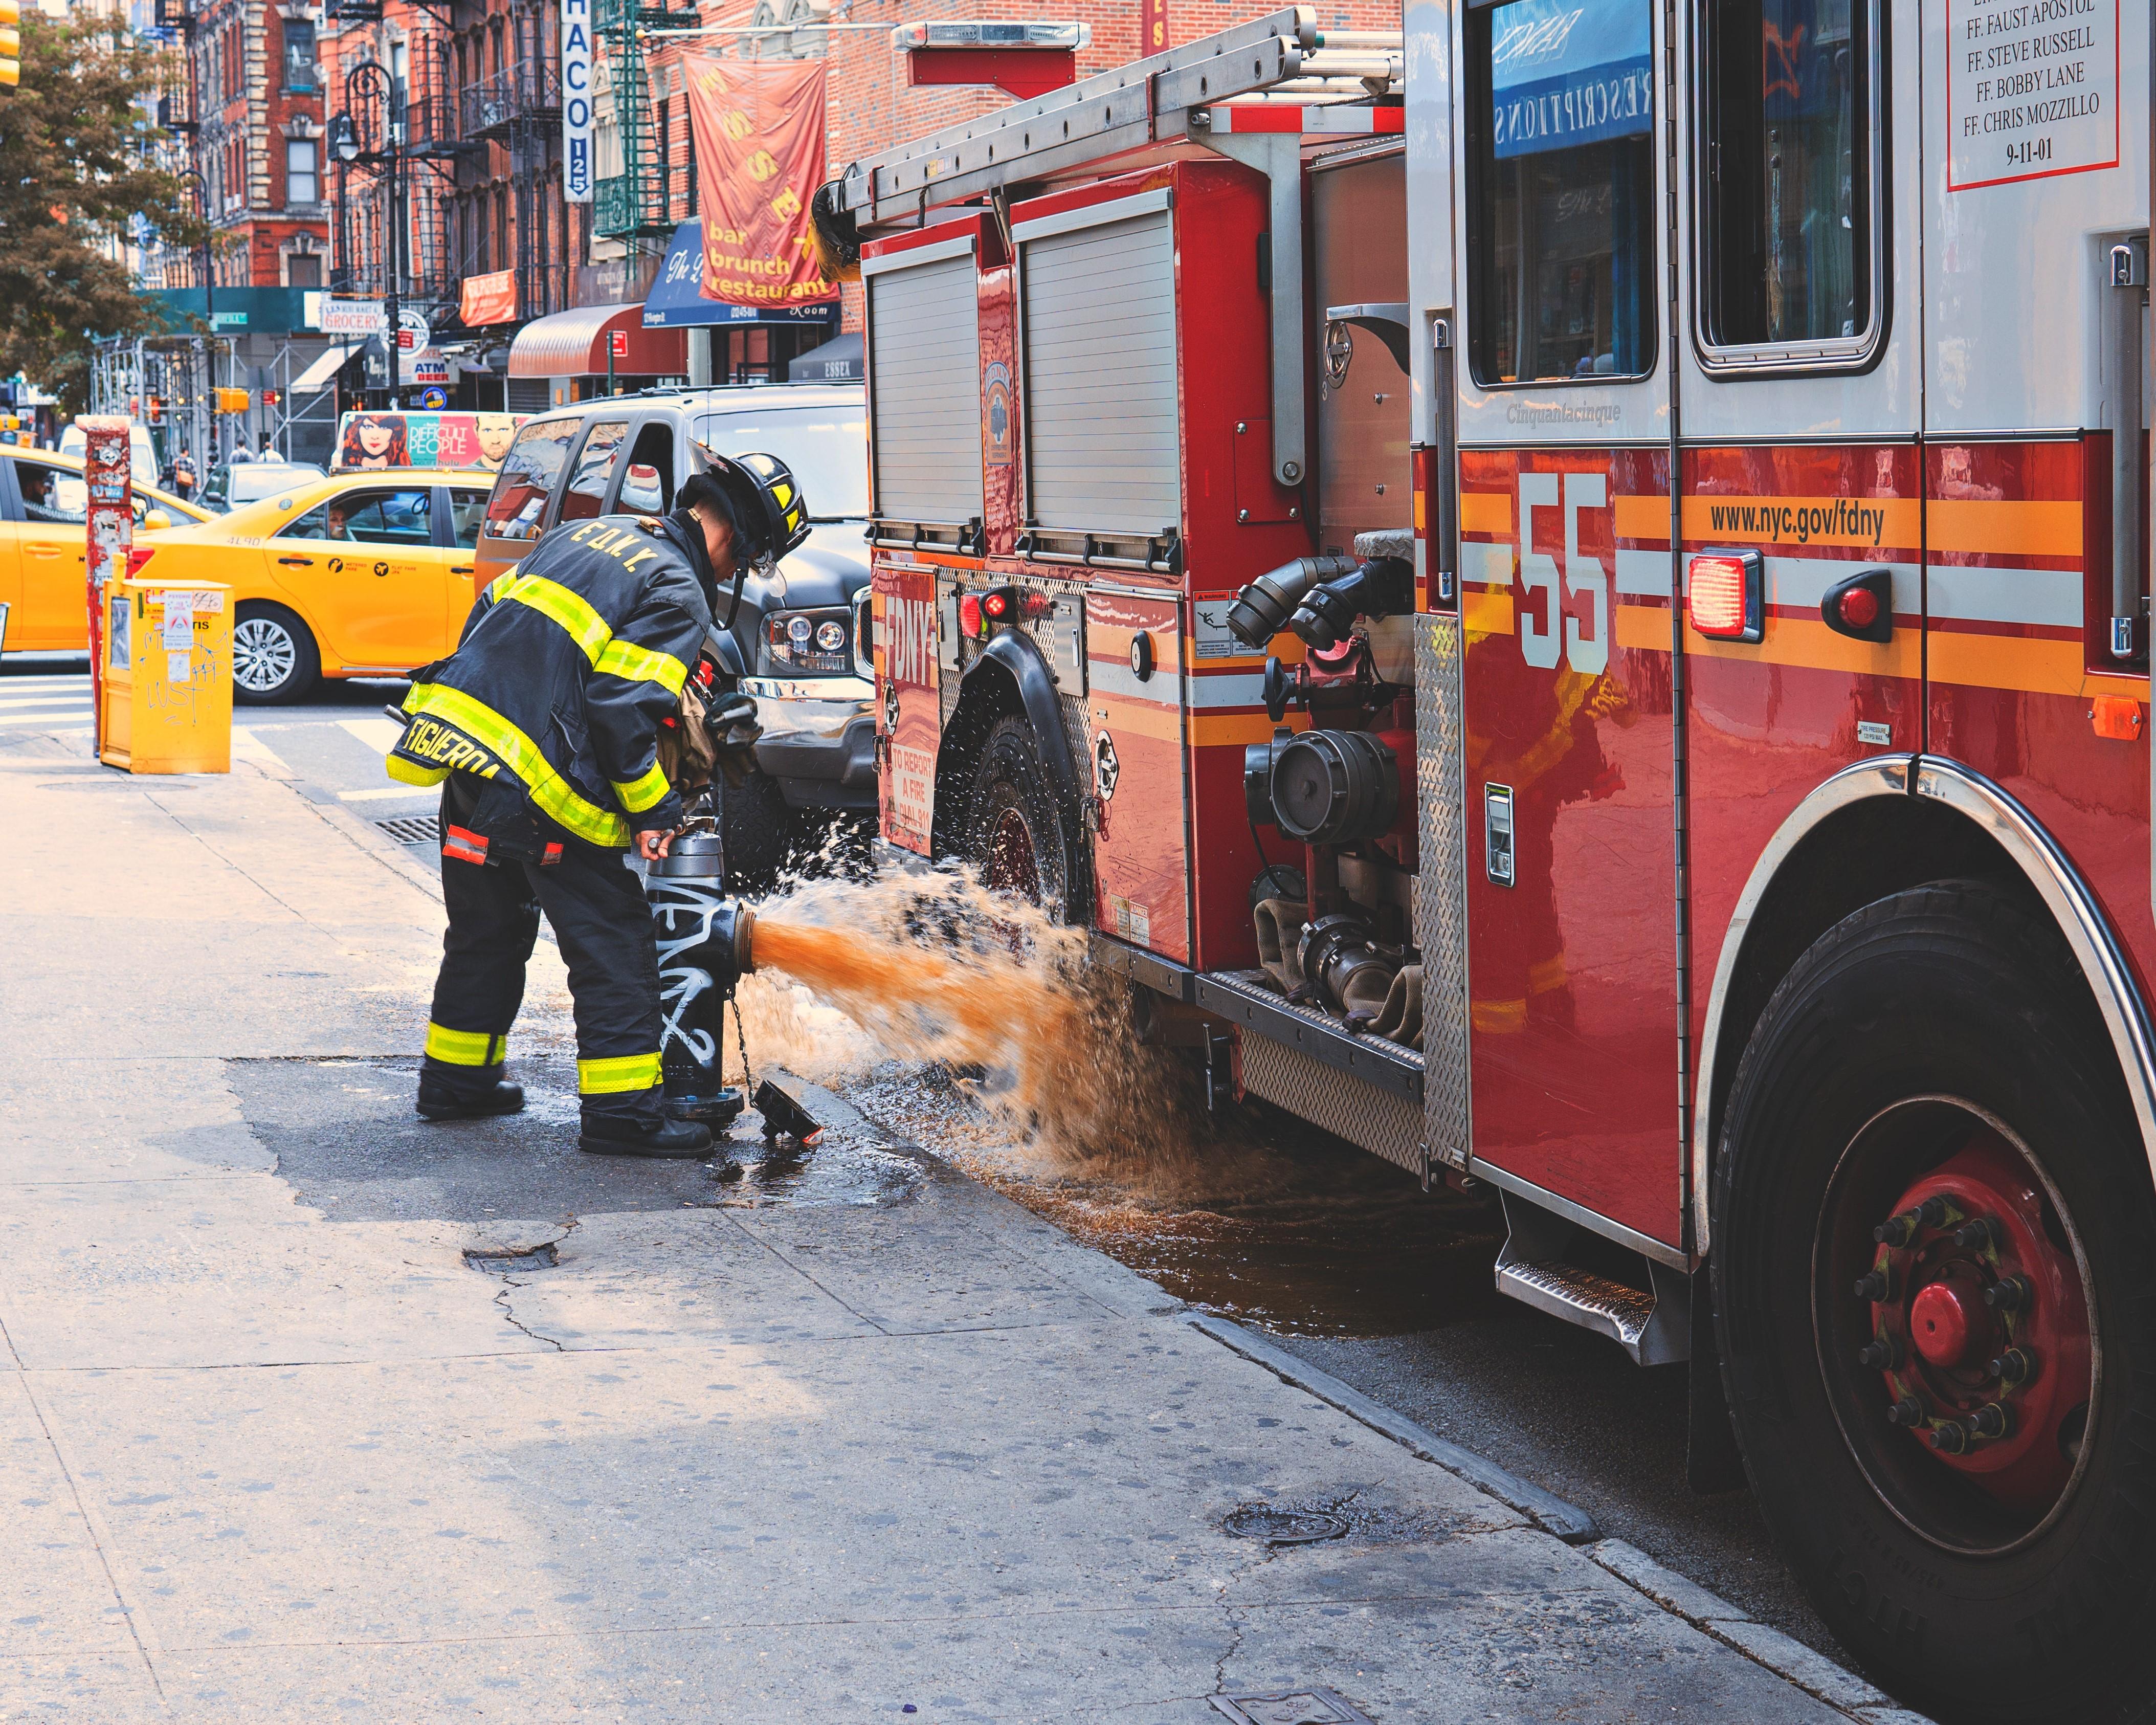 cars-city-fire-truck-firefighter-580117-resized.jpg